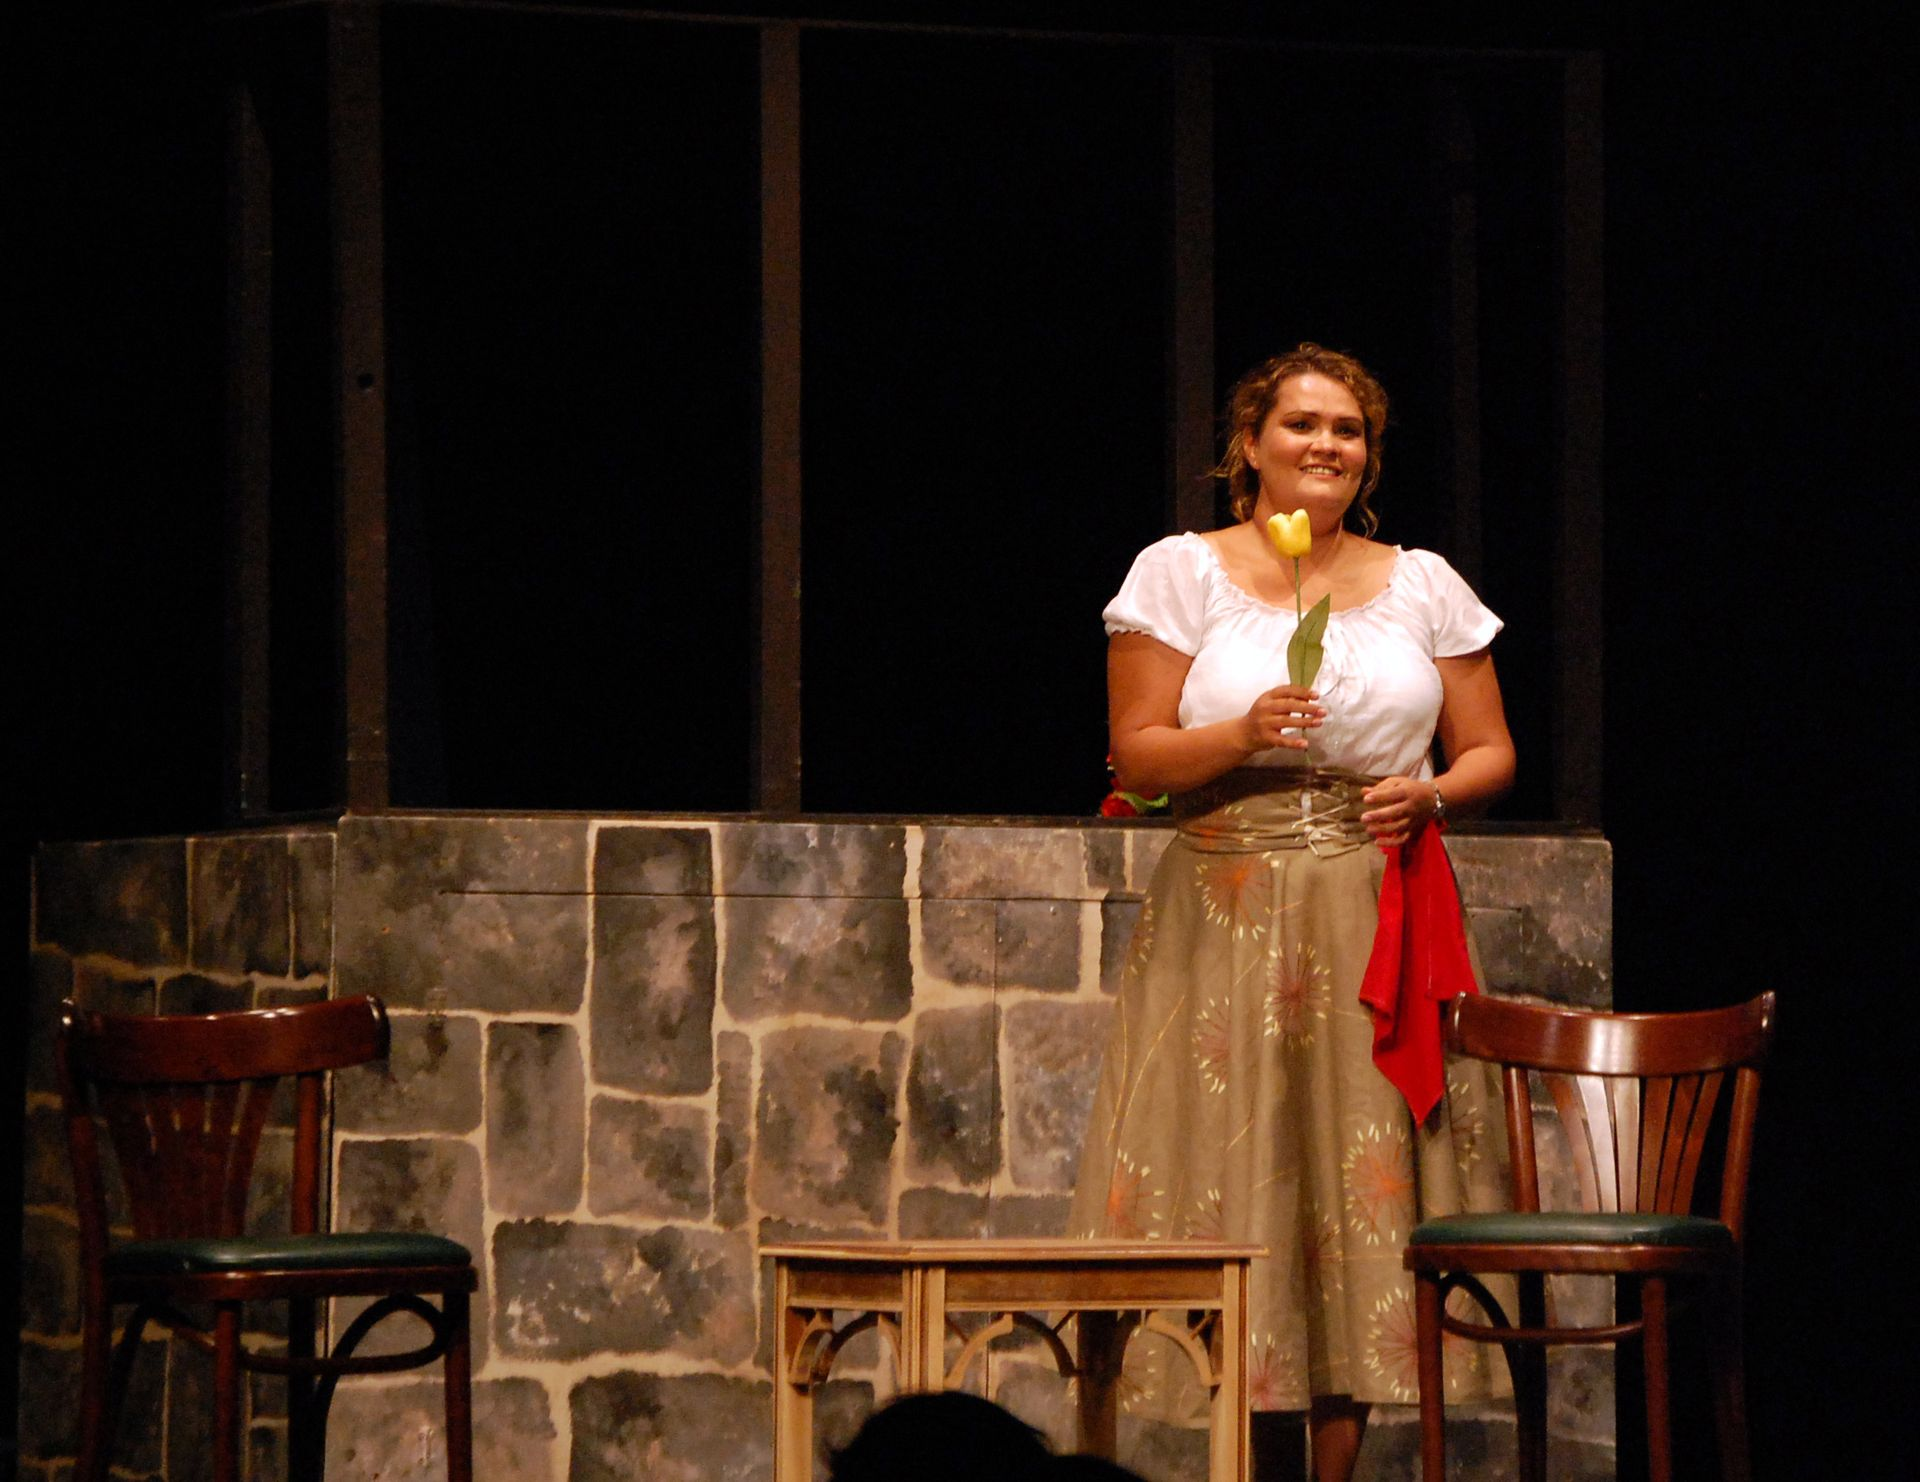 Virginie-Stucki-Recup-And-Cut-Grigny-Rigoletto-Festival Lyrique-en-mer-Gilda